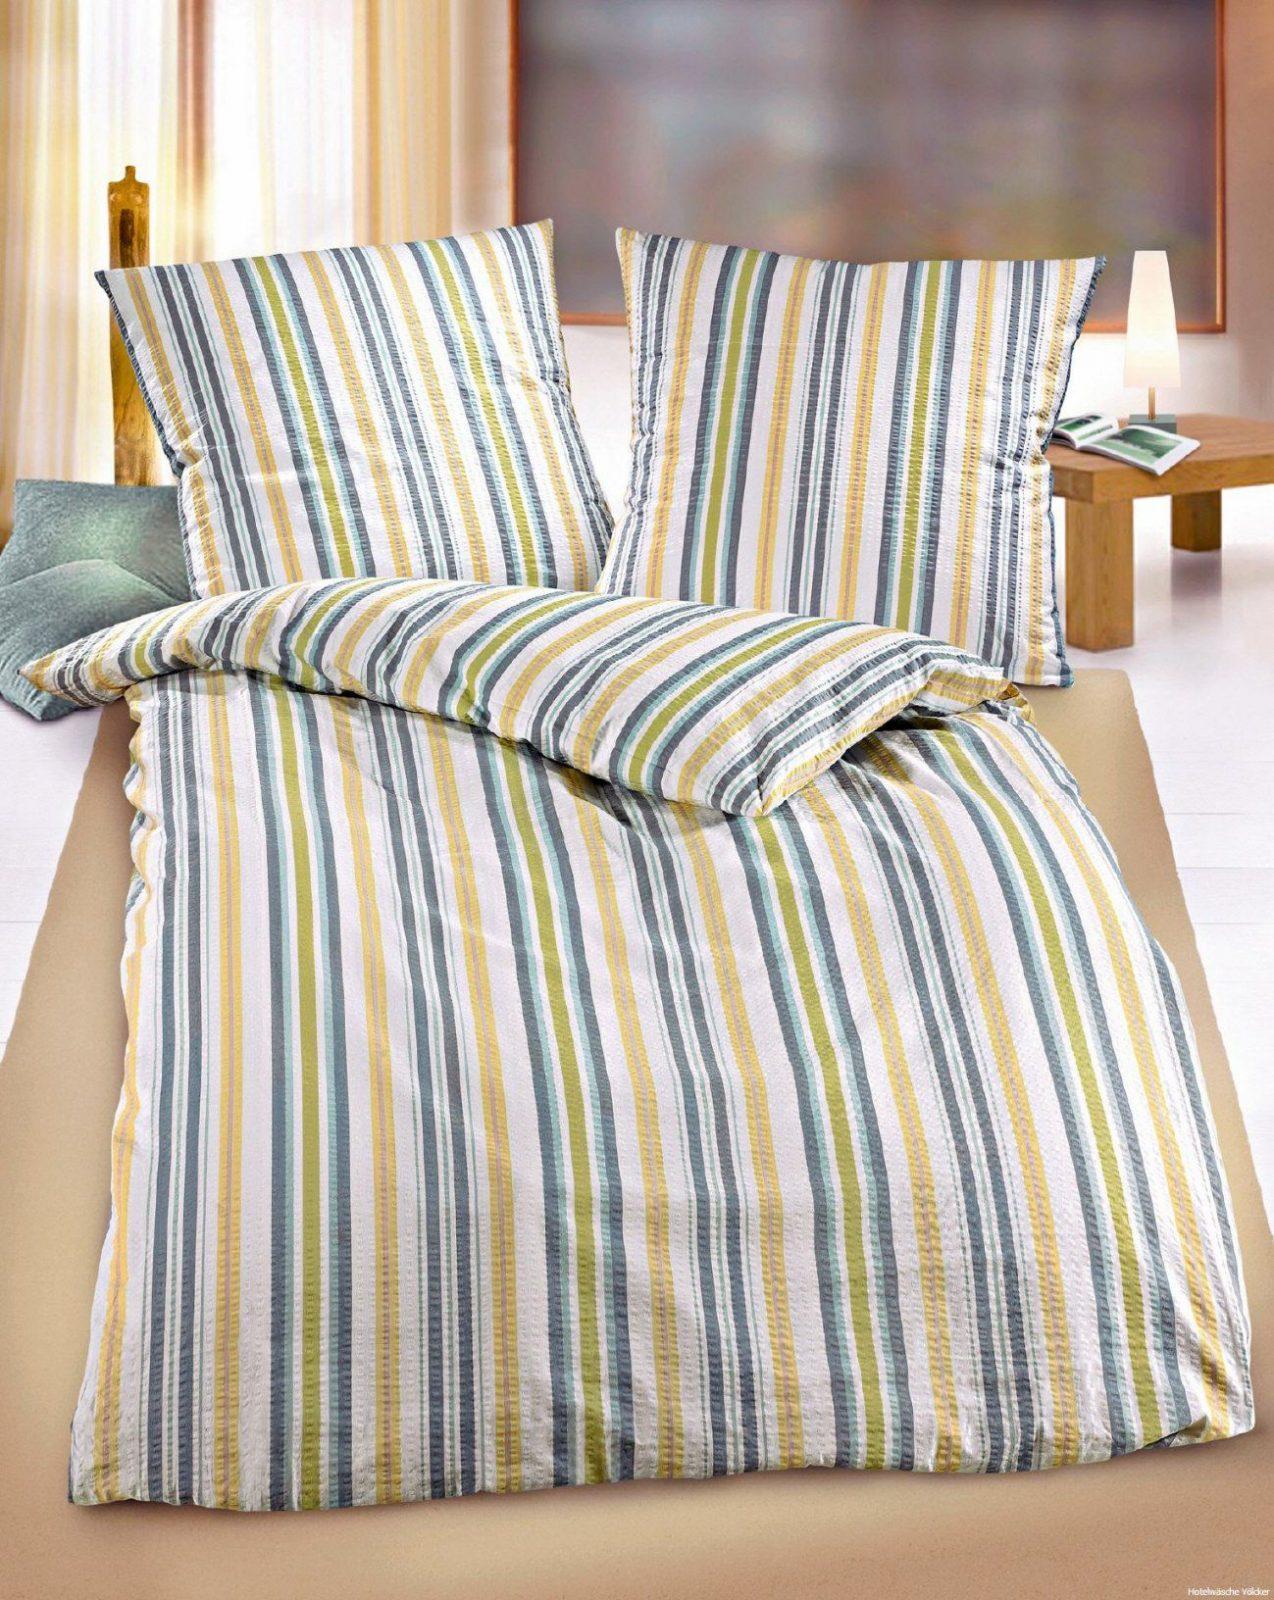 Seersuckerbettwäsche Streifen Mit Hotelverschluß Mehrfarbig von Bettwäsche Mit Hotelverschluss Bild